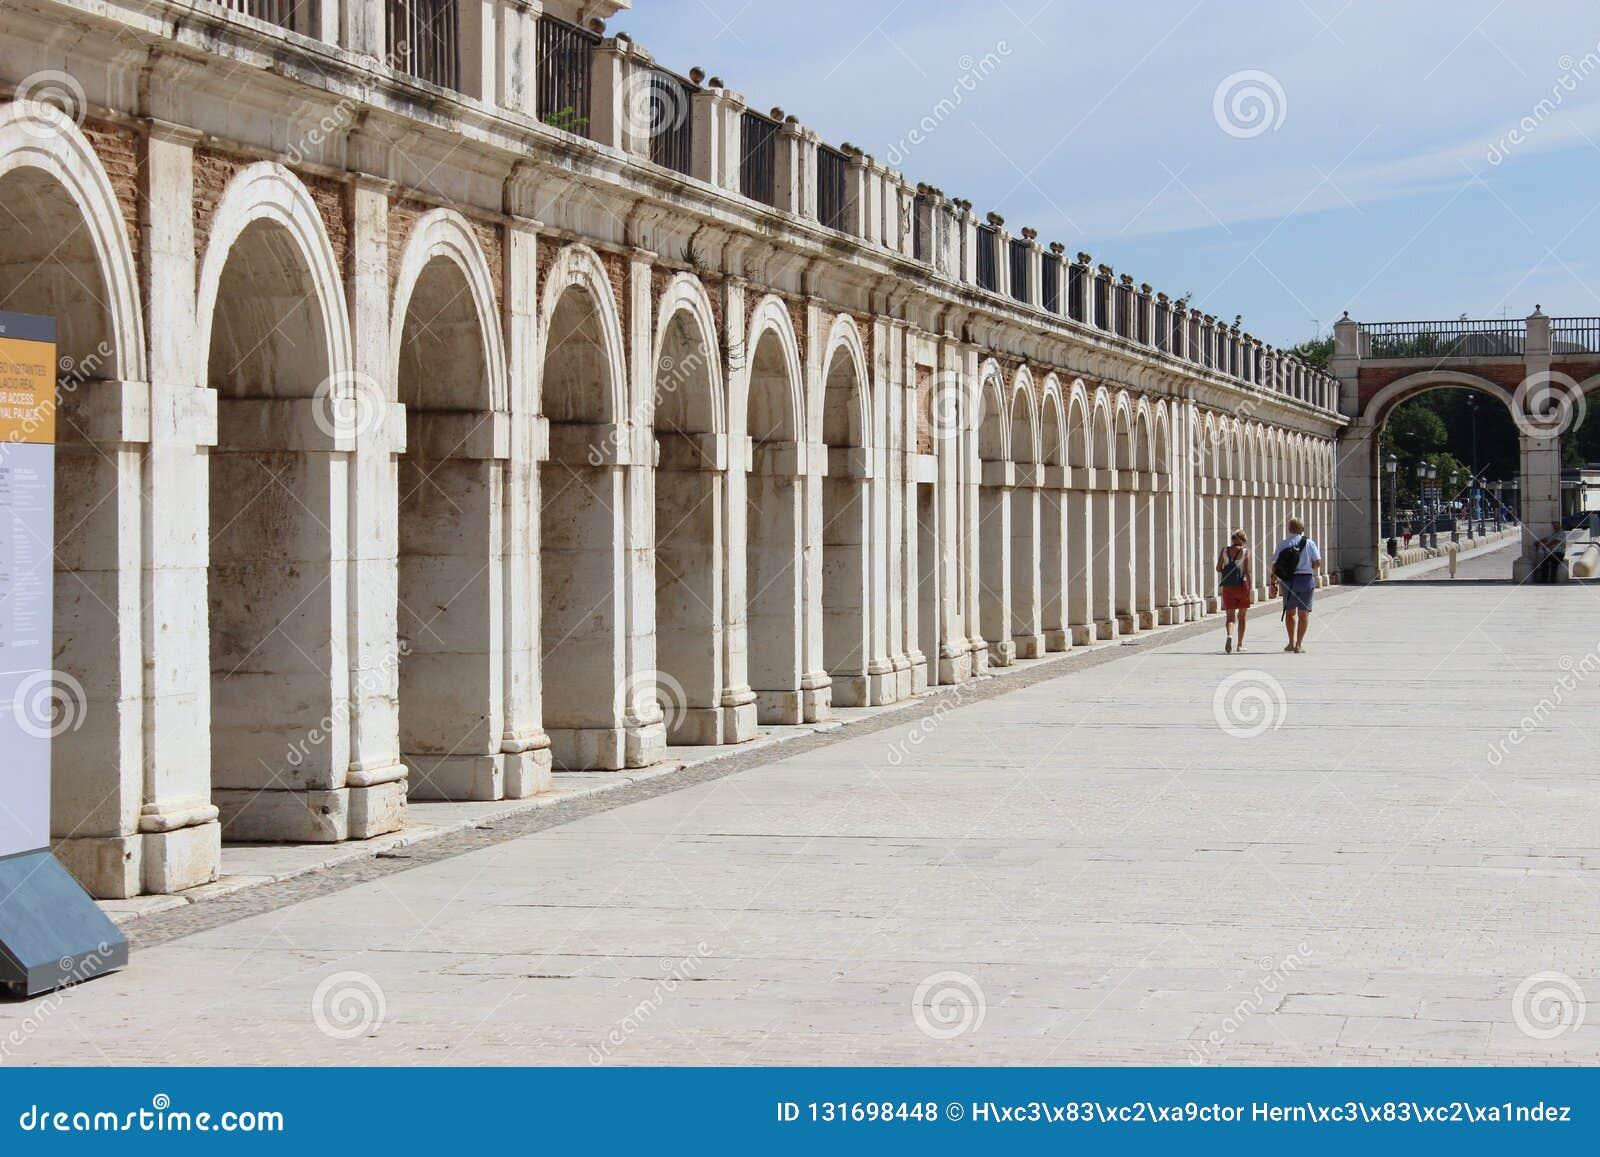 石曲拱在阿雷胡埃斯,西班牙